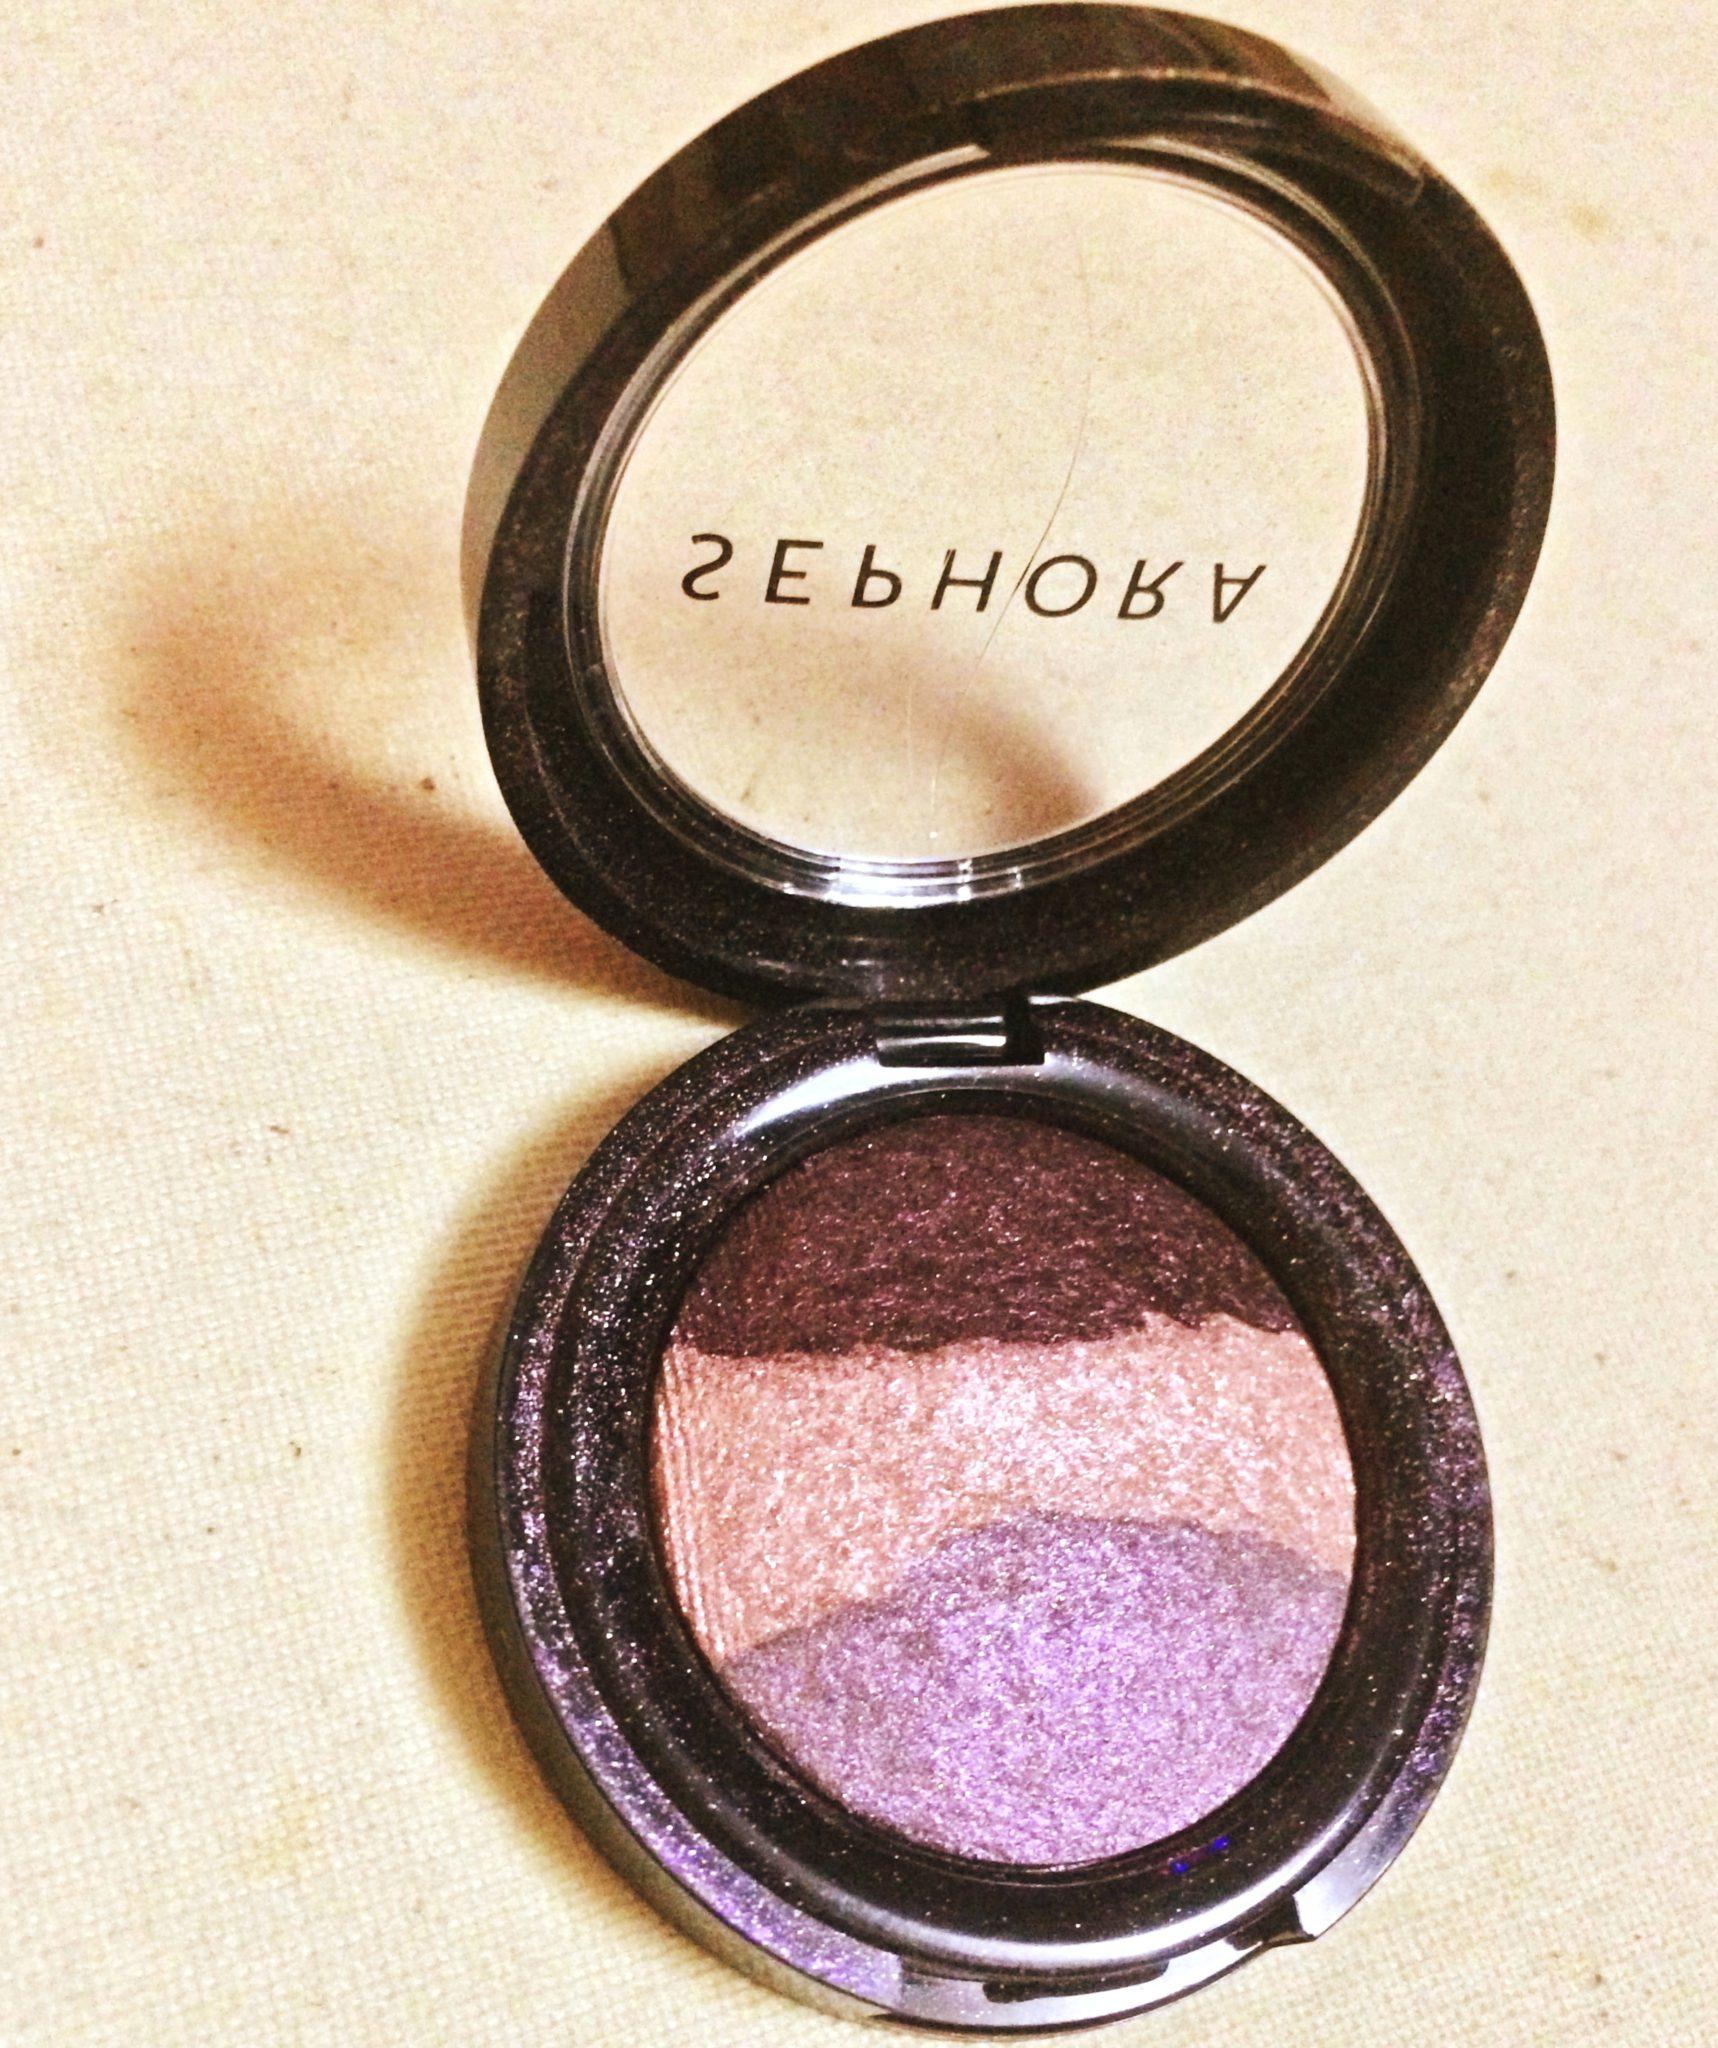 Sephora Dawn till Dusk eyeshadow